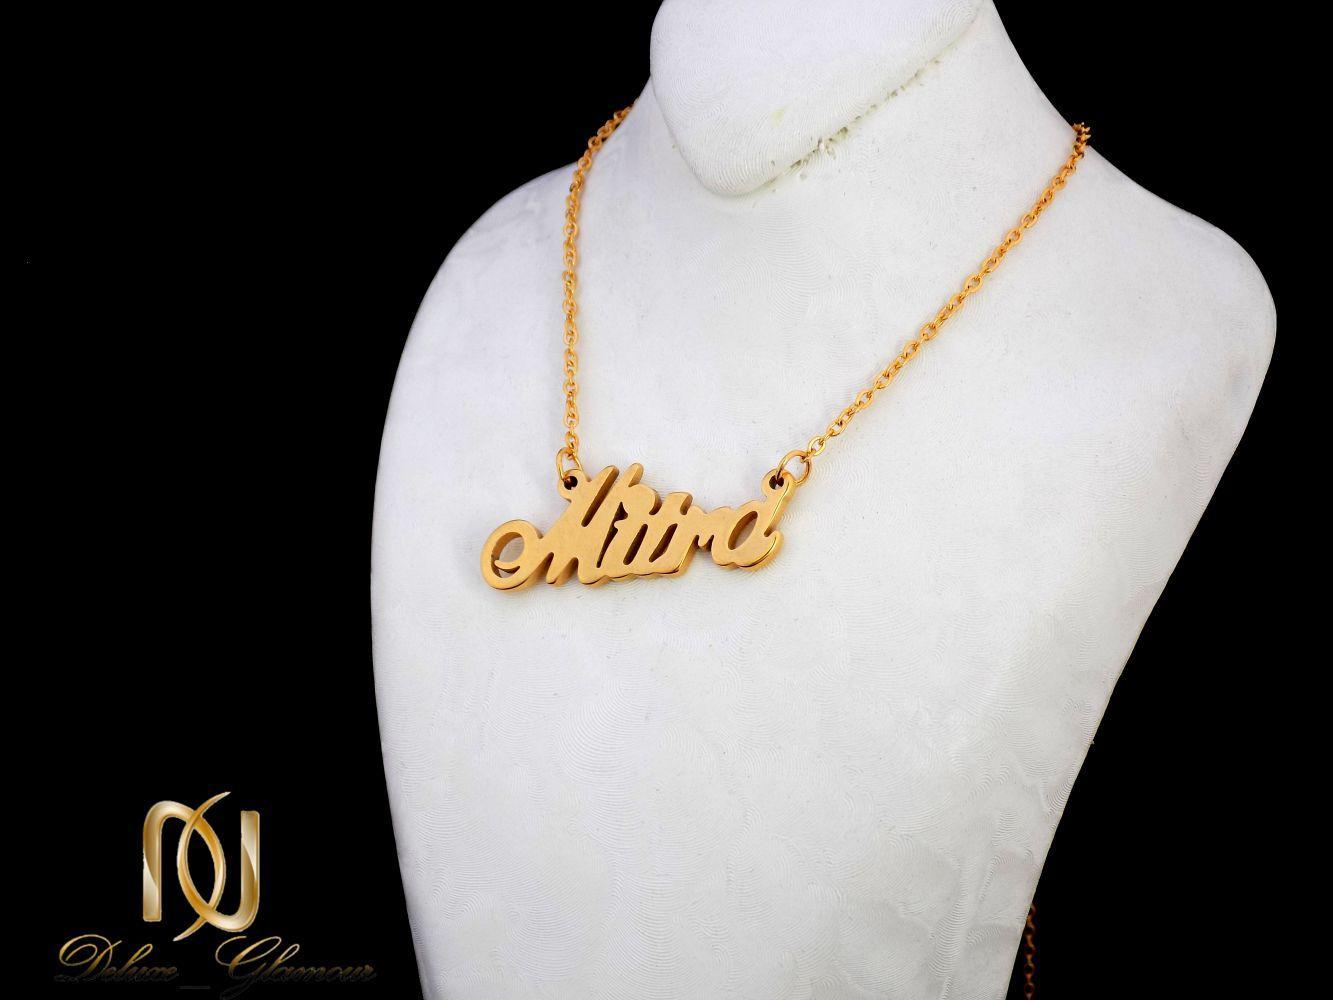 گردنبند اسم میترا لاتین استیل با روکش آب طلا nw-n255 از نمای نزدیک